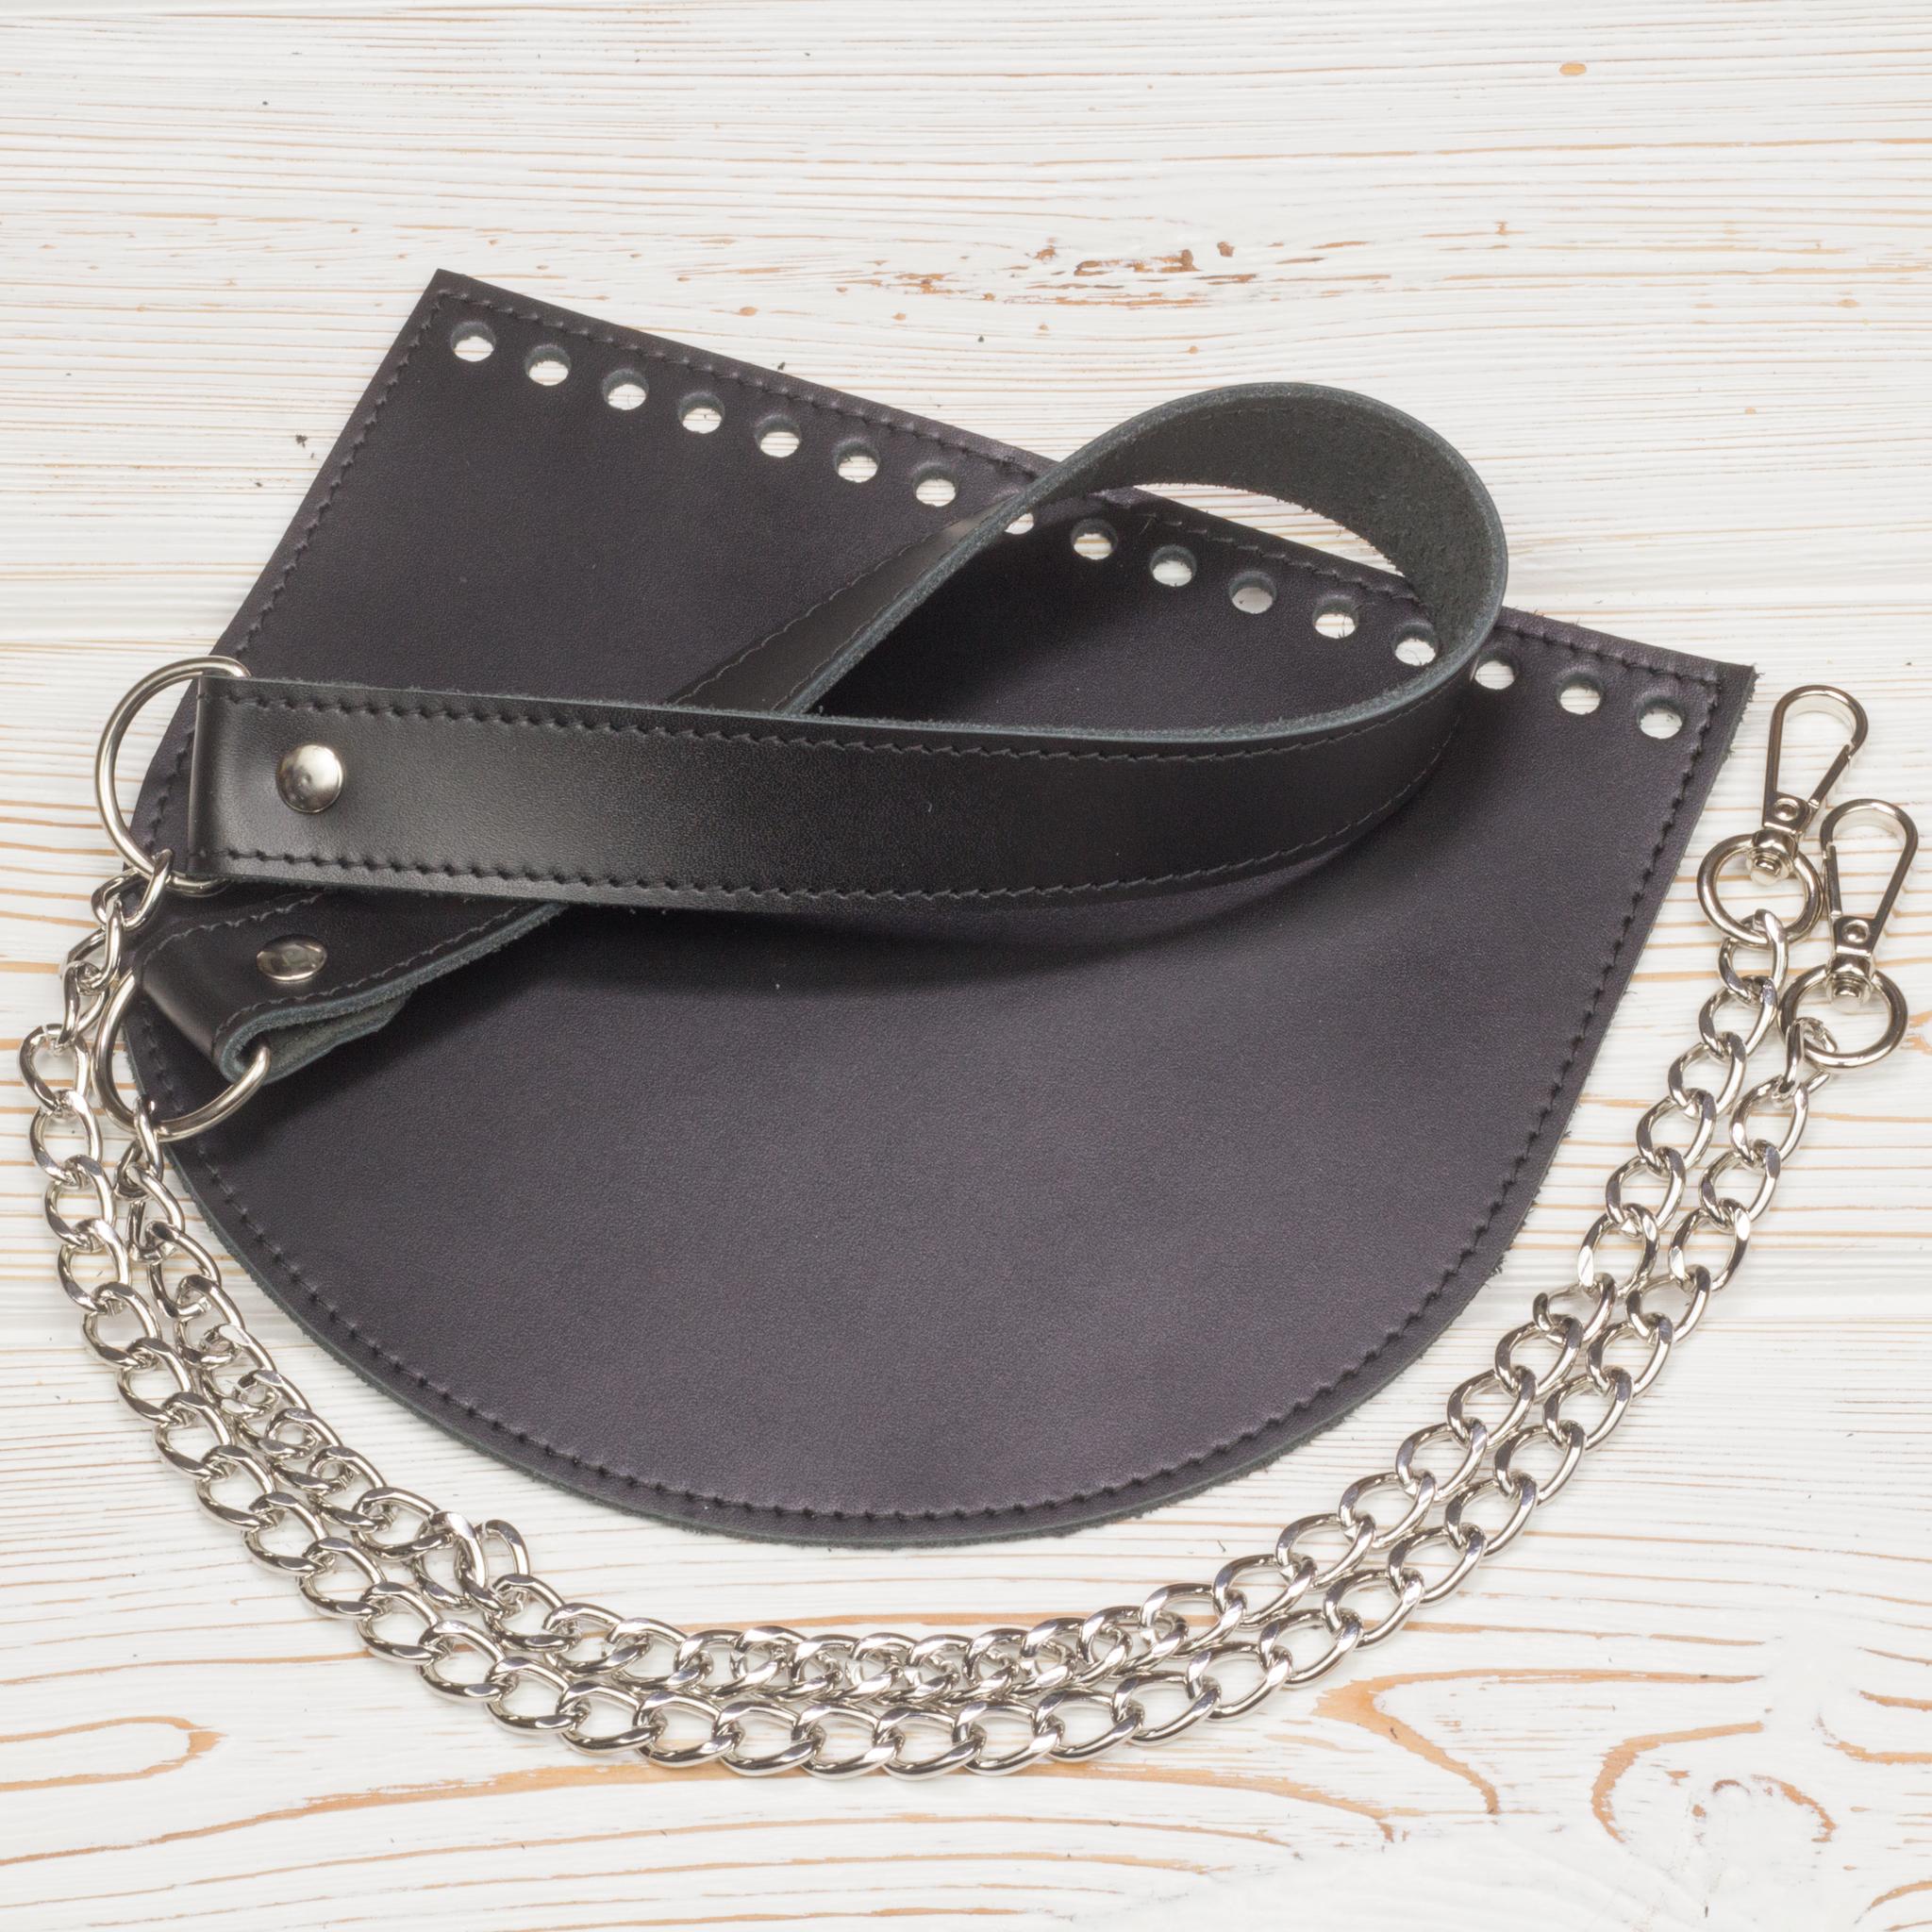 Каталог Комплект для сумки  прошитый черный IMG_2548.jpg